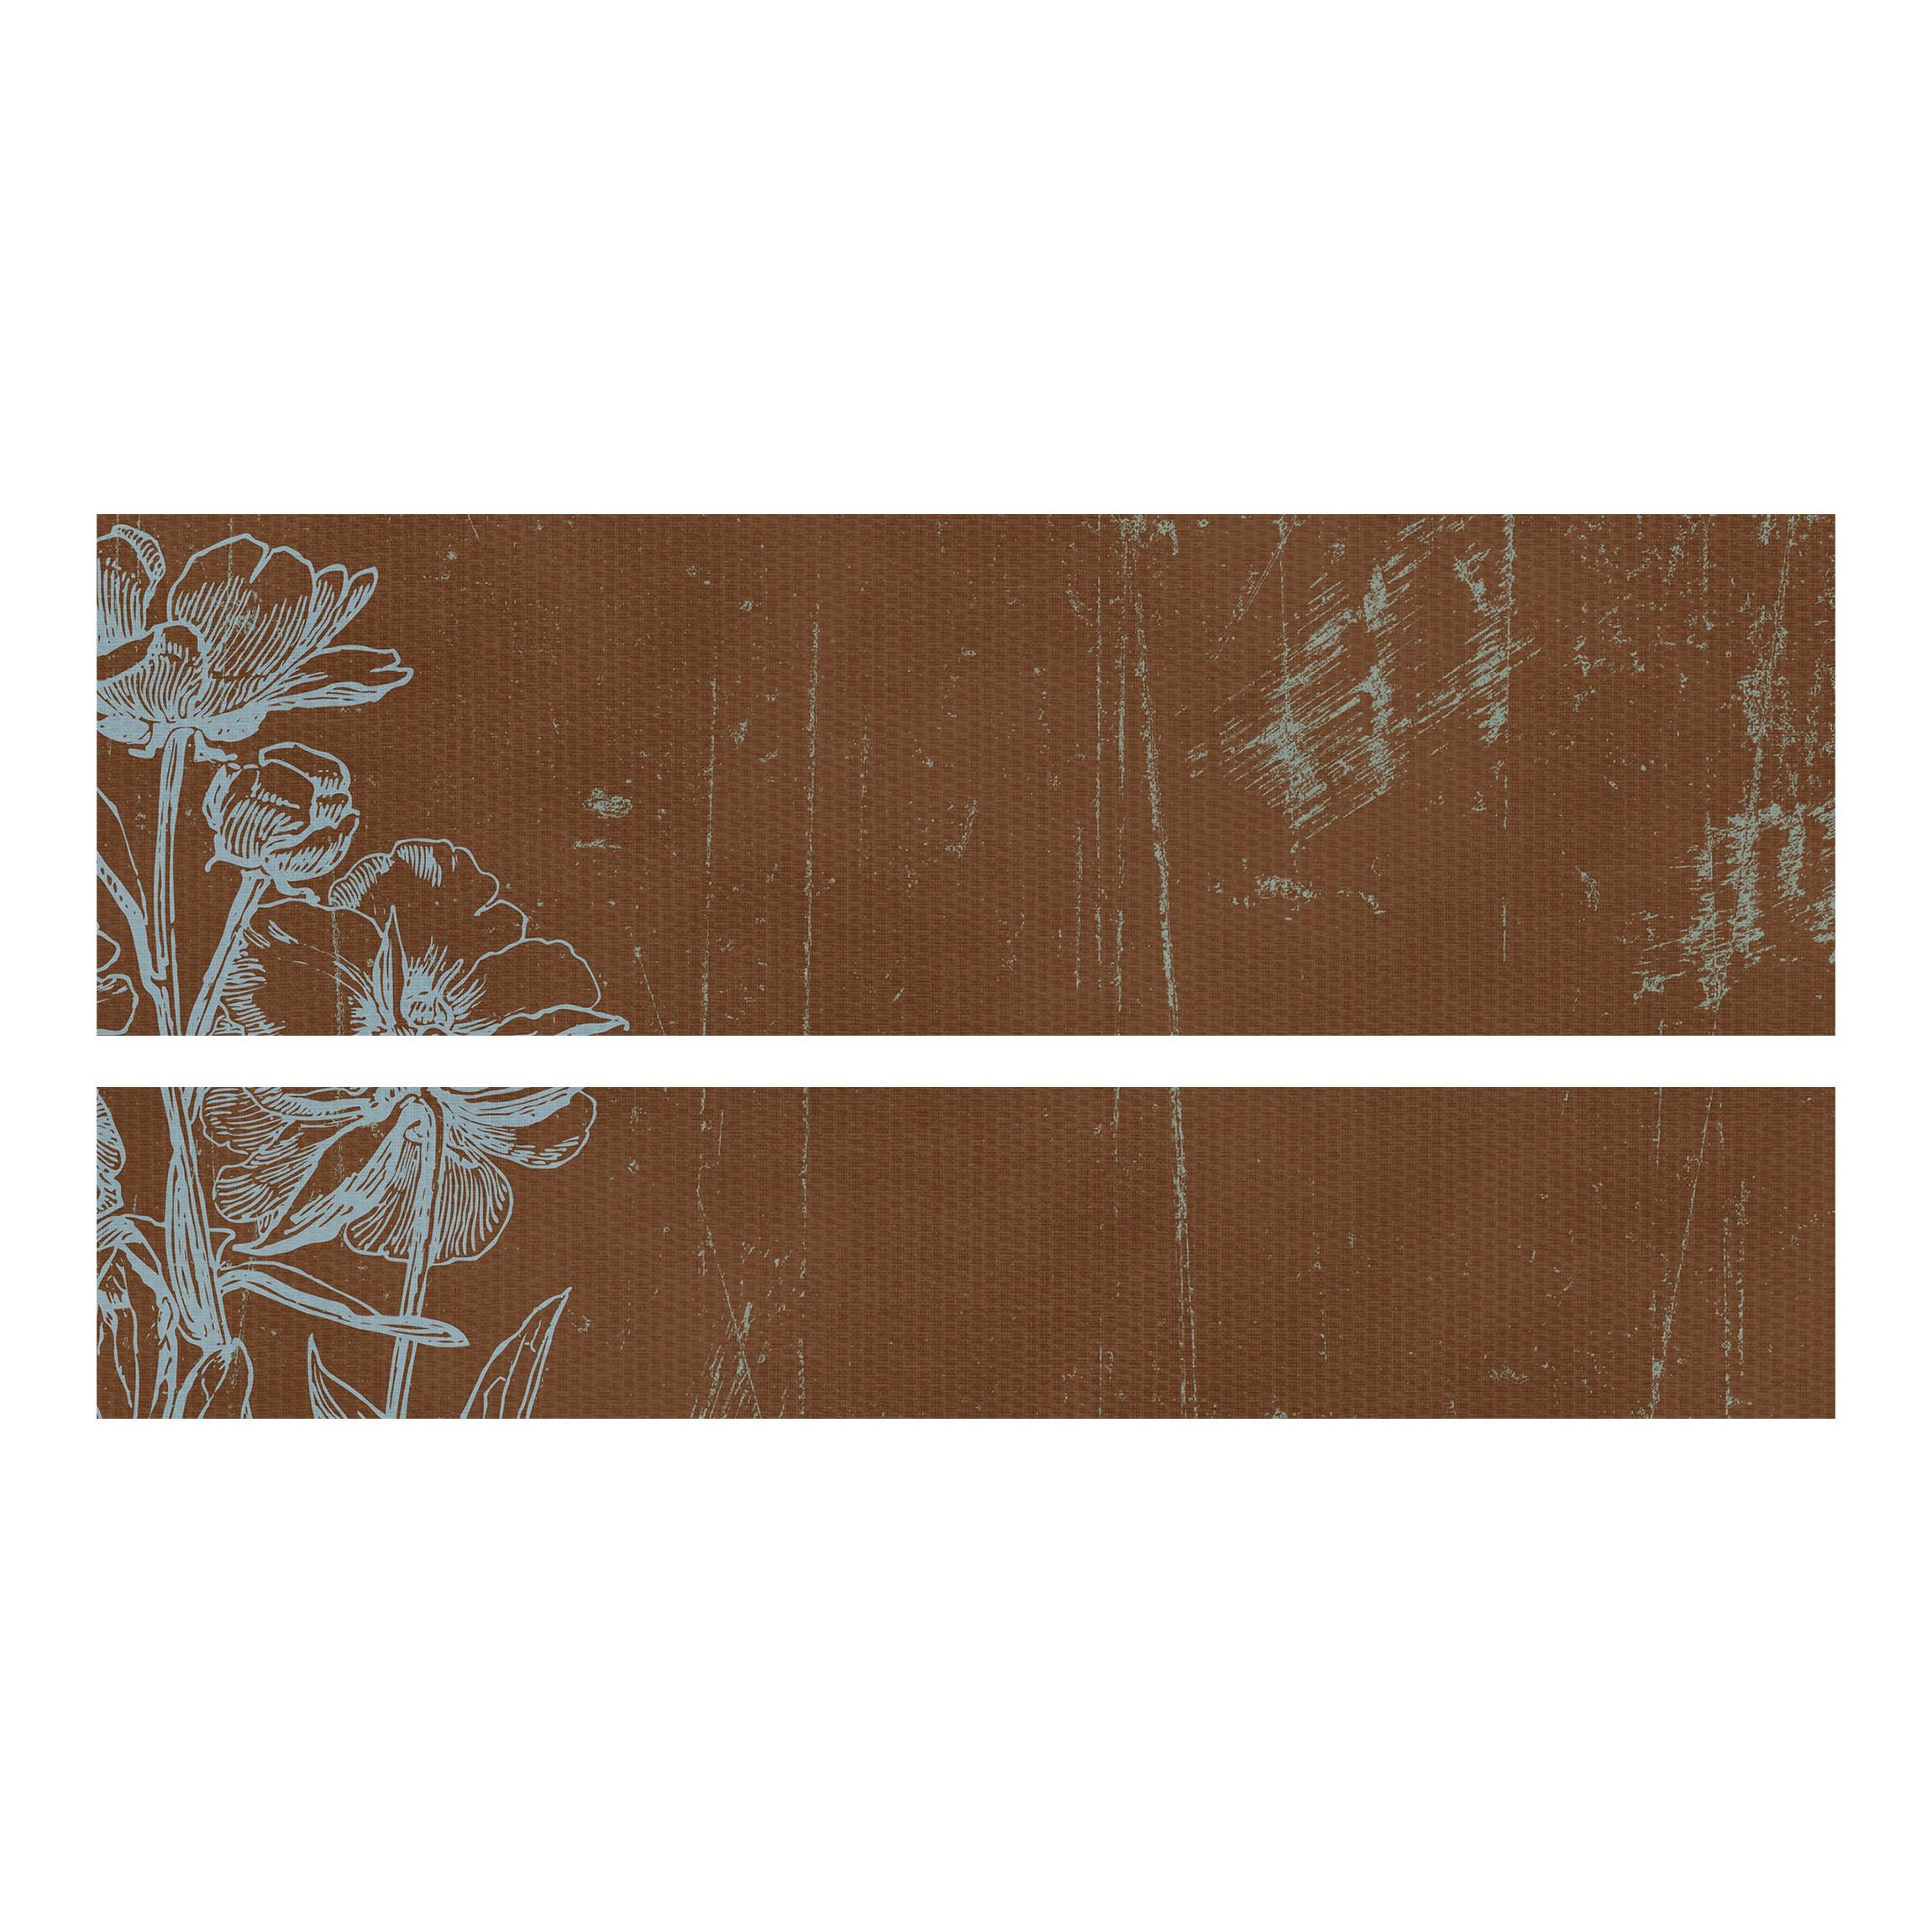 Carta adesiva per mobili ikea malm letto basso 140x200cm blue flowers sketch - Carta adesiva per mobili ikea ...